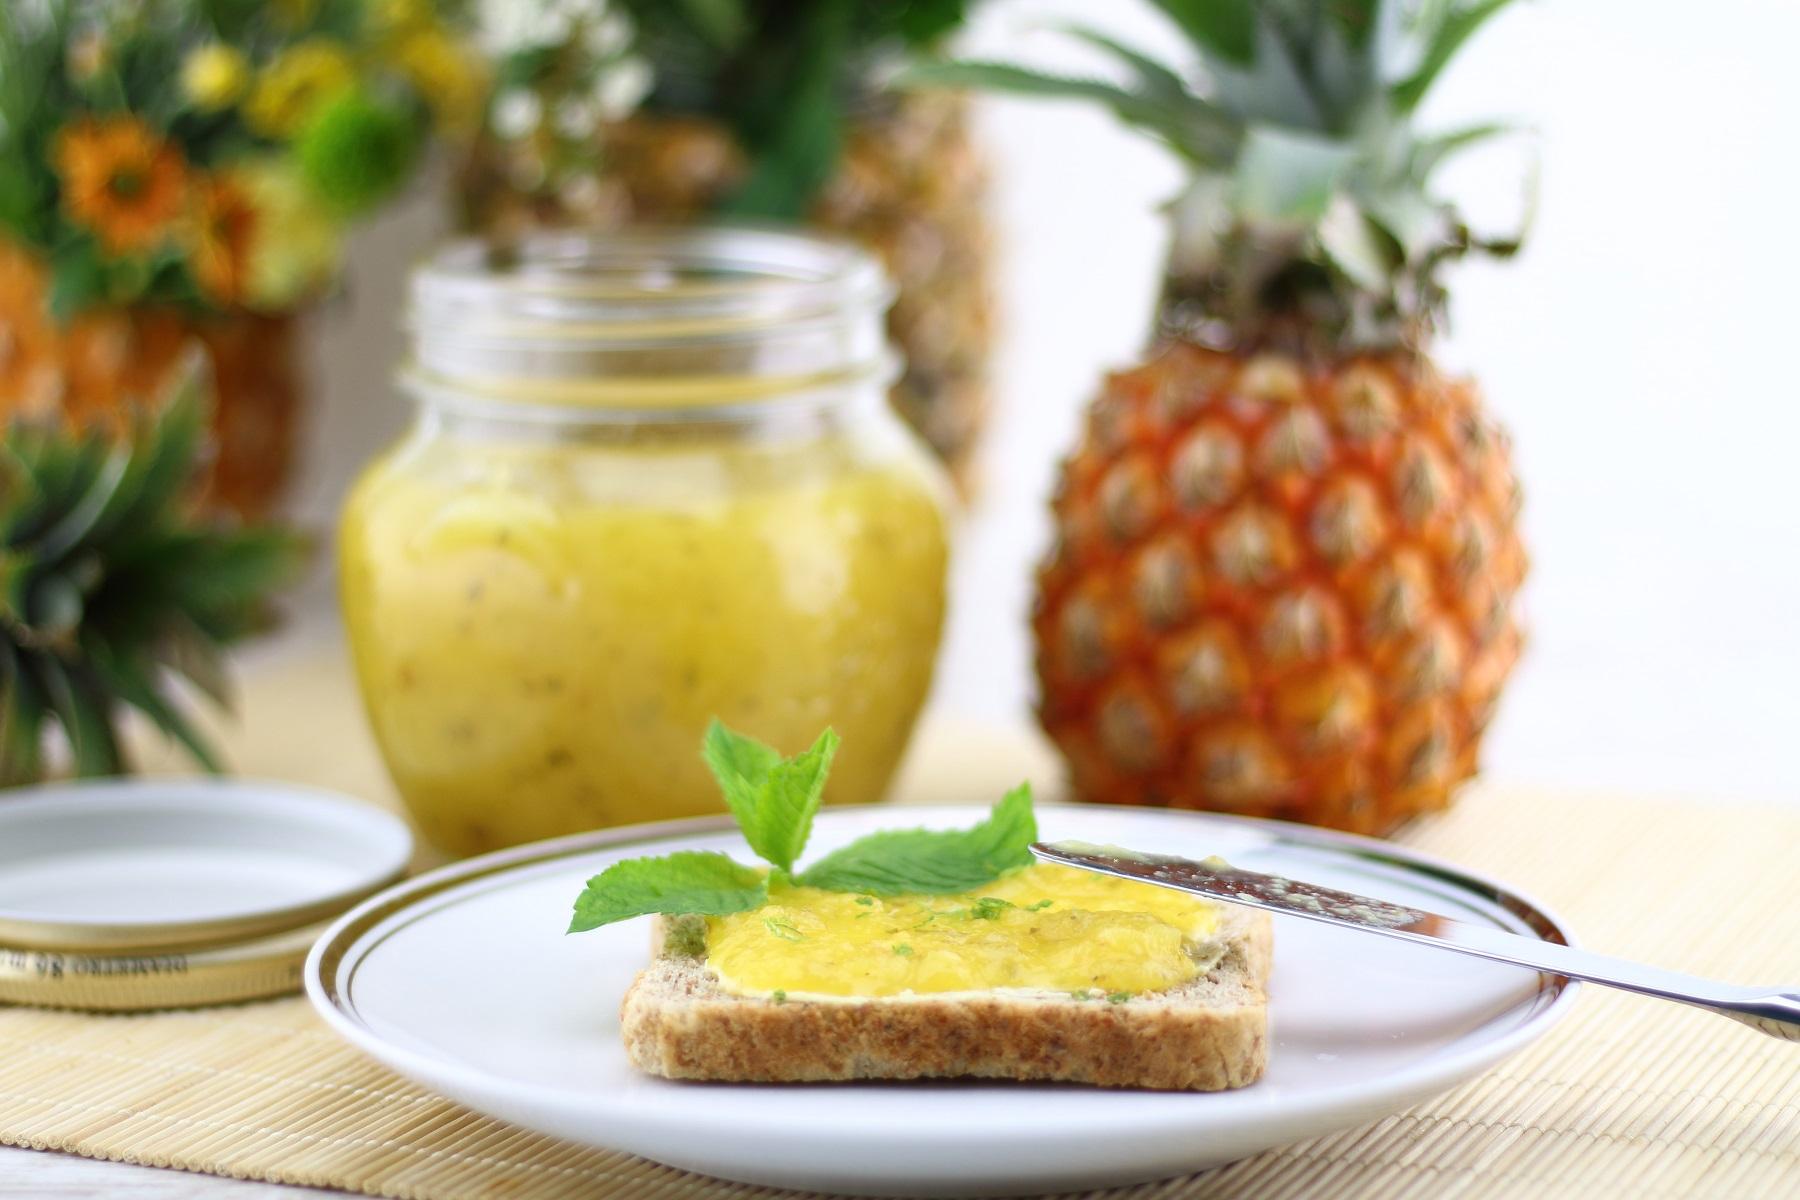 Die besten Sommerrezepte von Mary Loves - Sommerlicher Ananas-Limetten-Fruchtaufstrich - Gastbeitrag bei Daily Dreamery